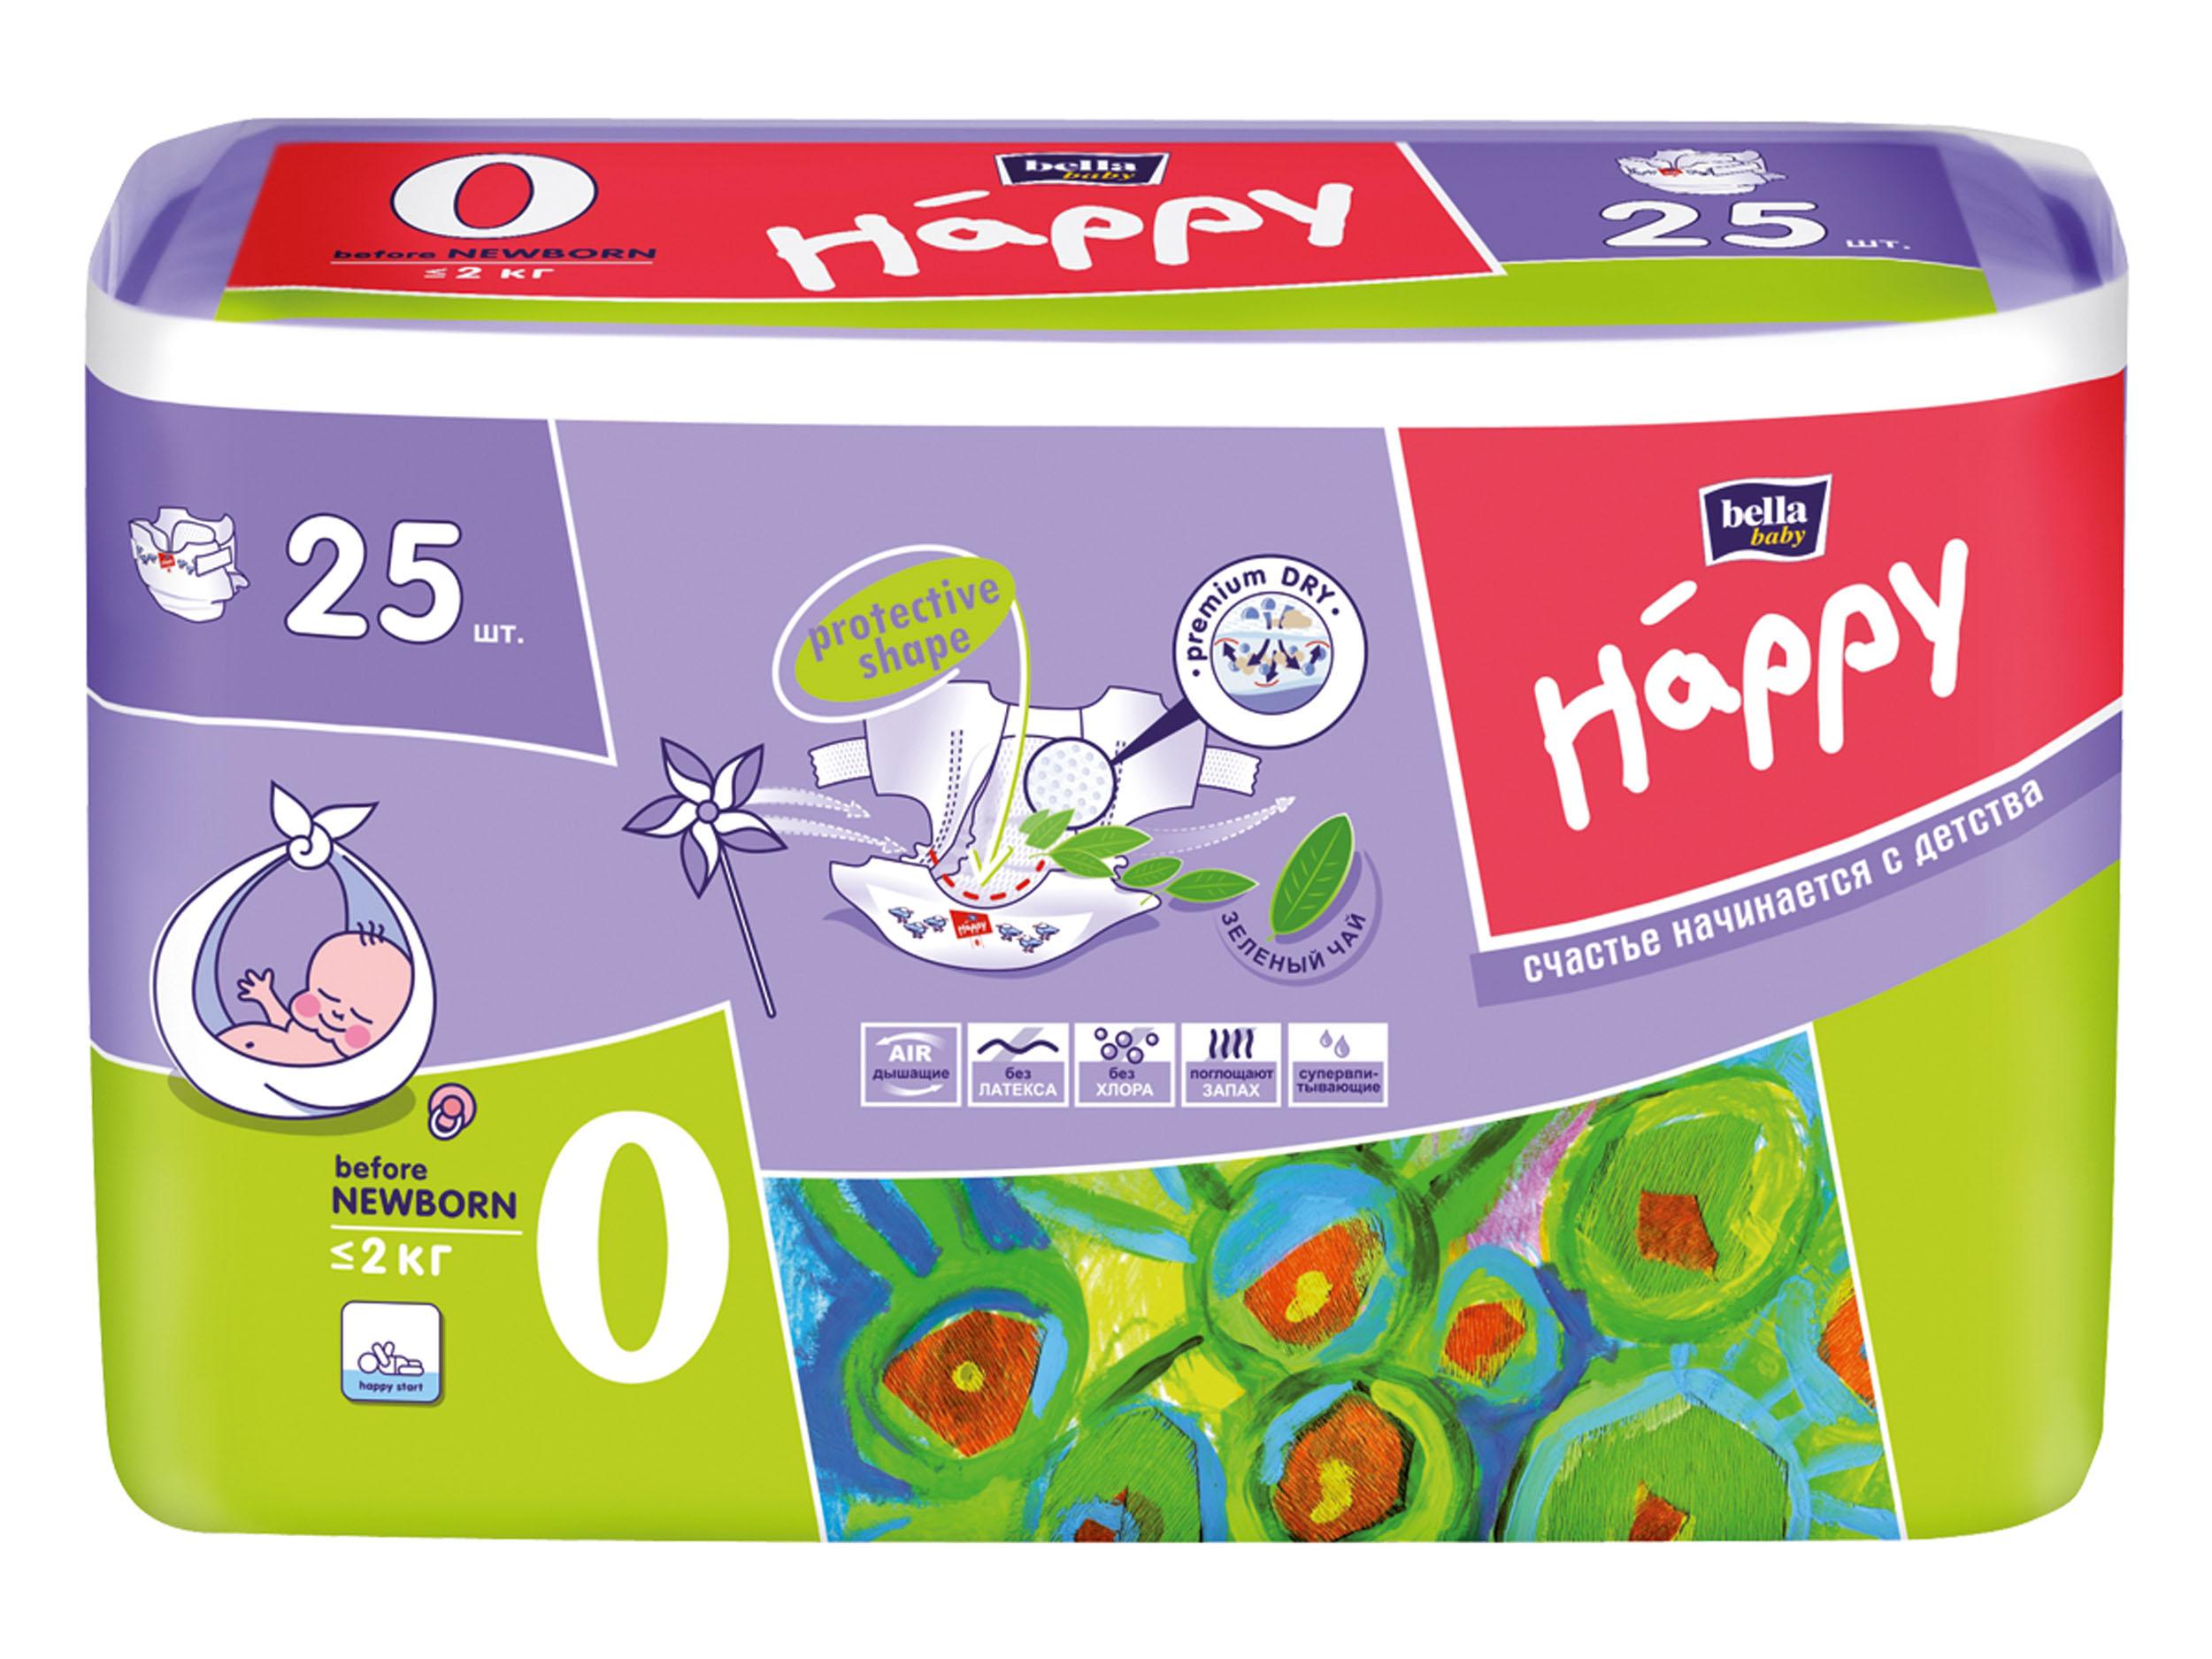 """Подгузники гигиенические для детей марки """"bella baby Happy"""" Before Newborn, 25 шт"""